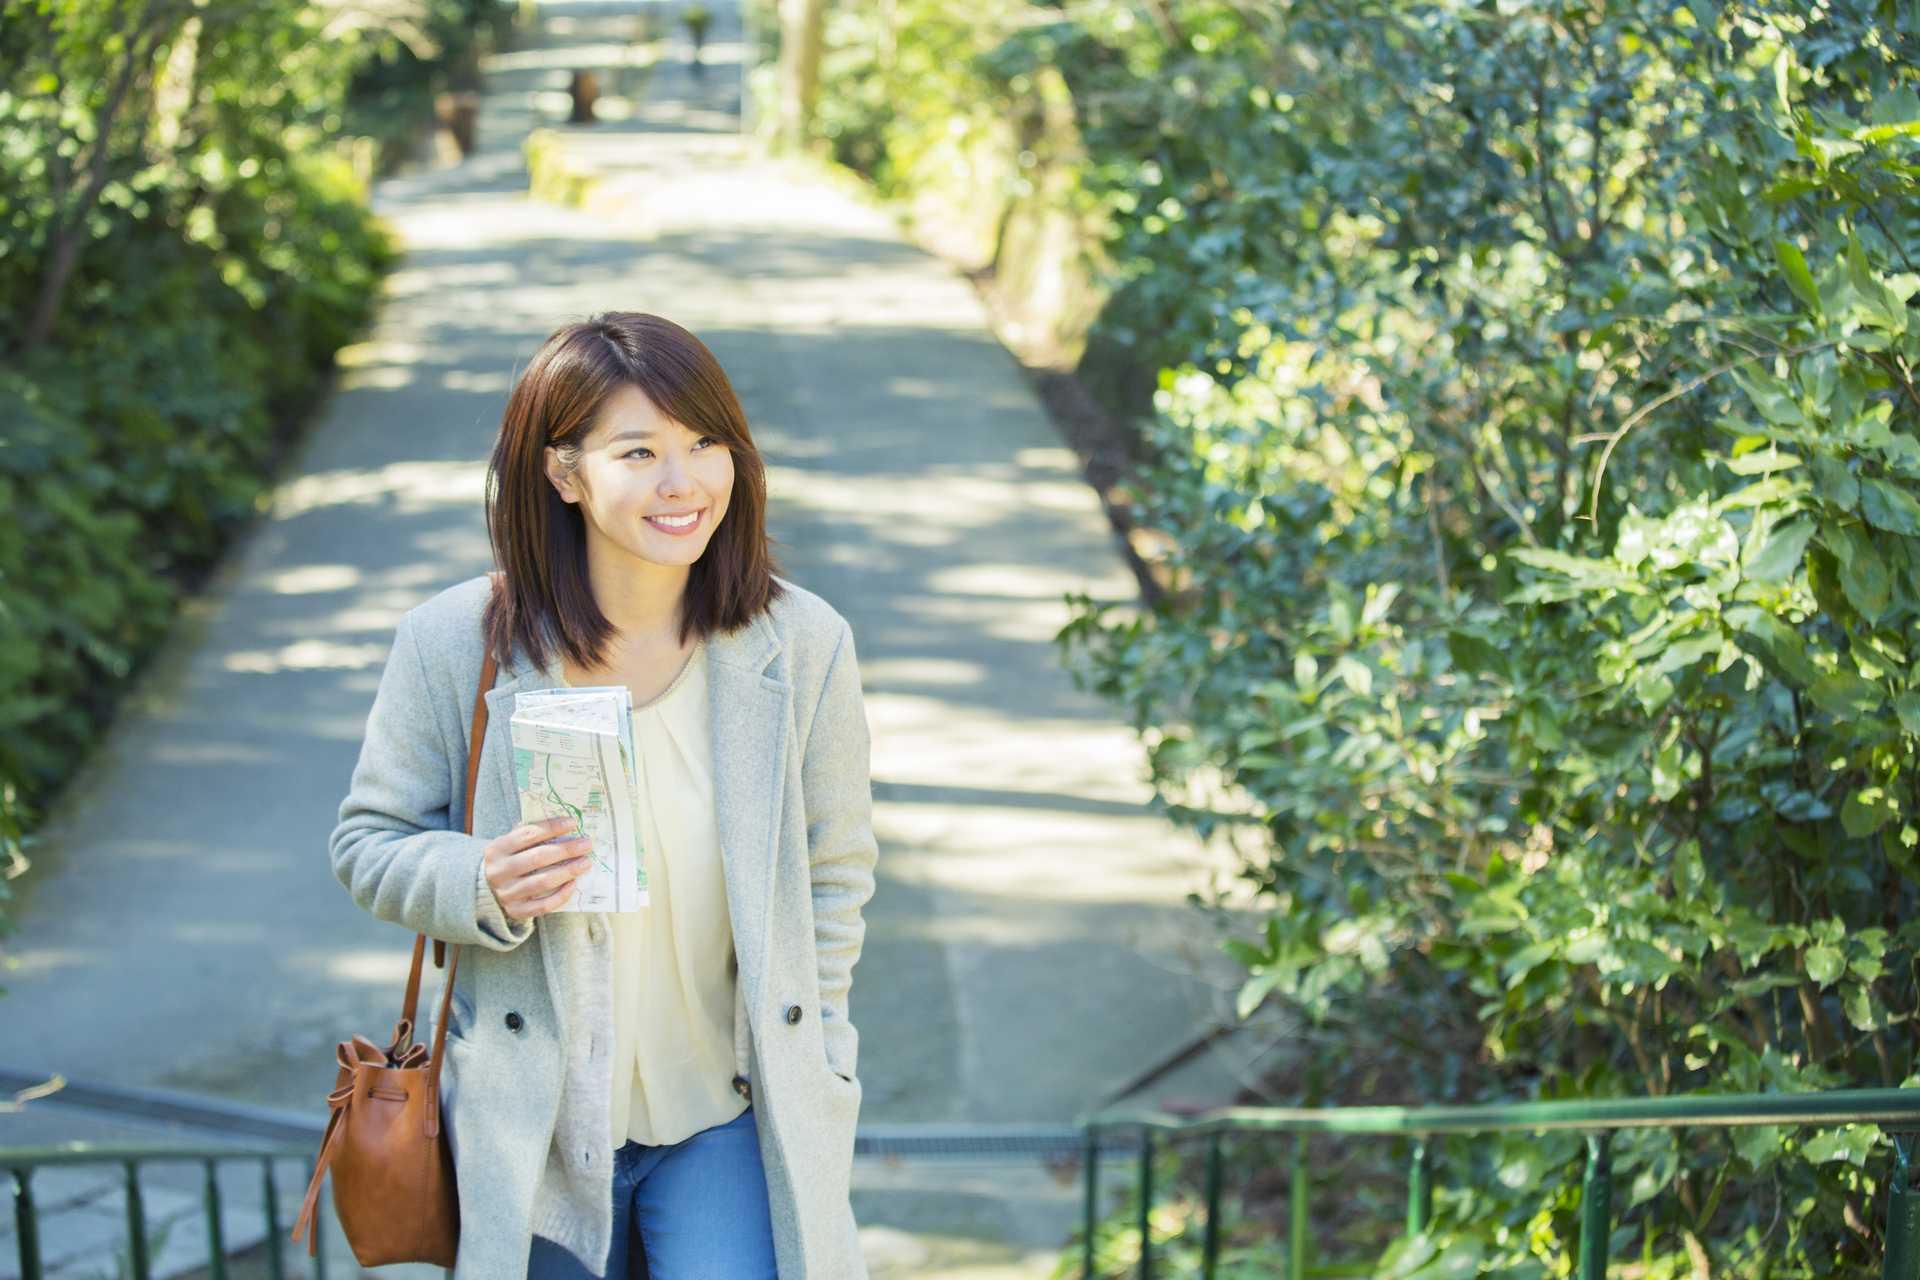 落ち込んだときこそ、歩く。悲しいときがあったときこそ、歩く。   早朝の散歩習慣のすすめ